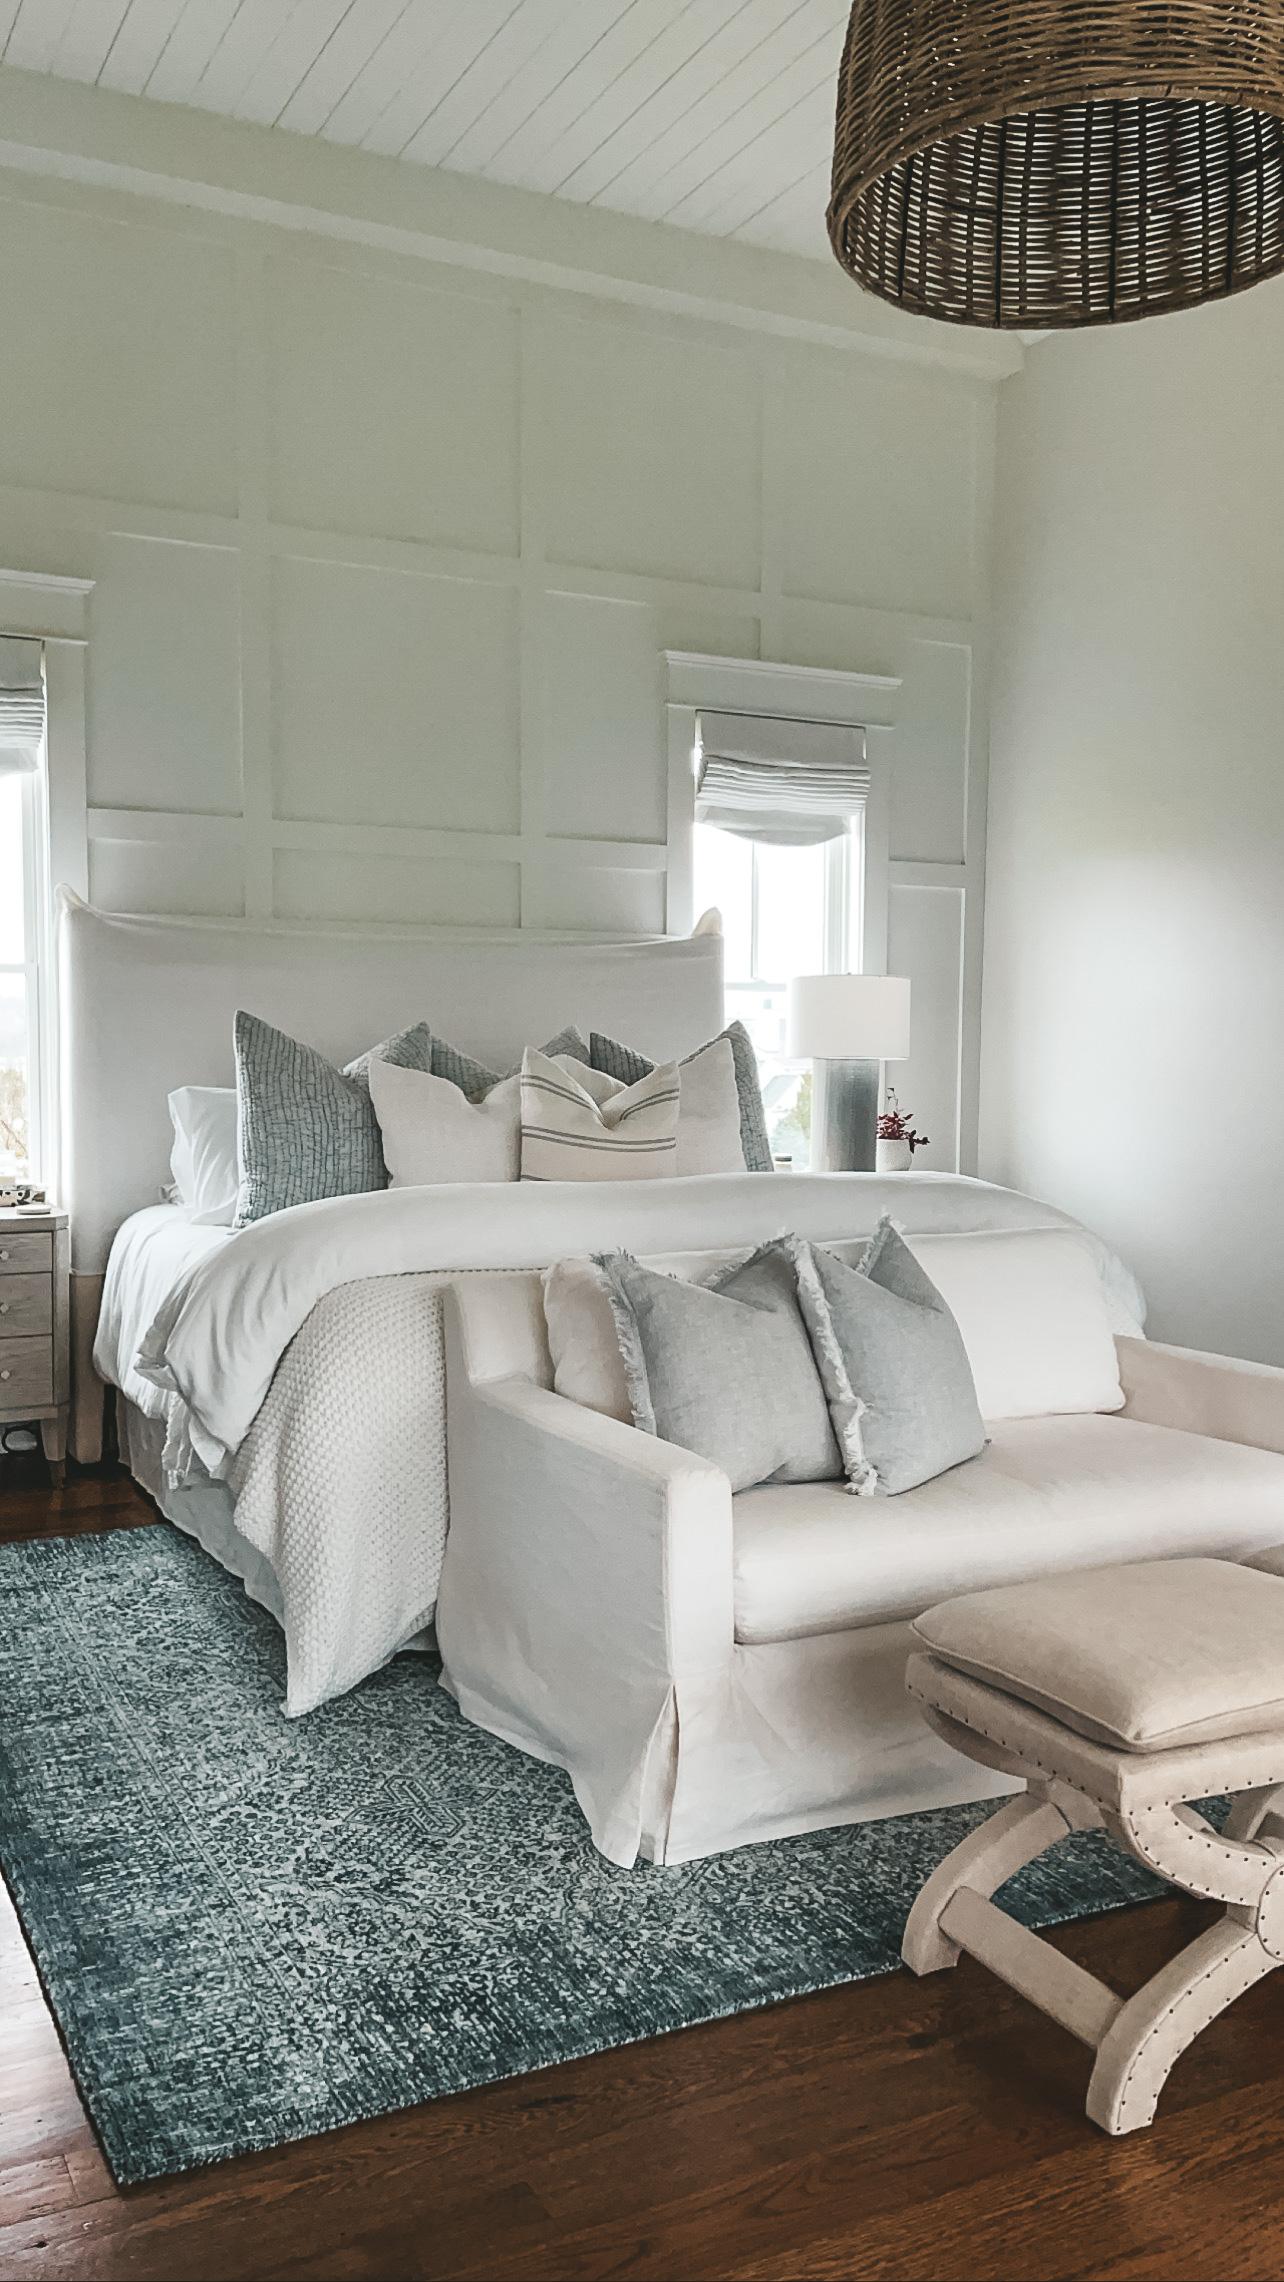 Boutique Rugs FREELING AREA RUG nashville master bedroom angela lanter